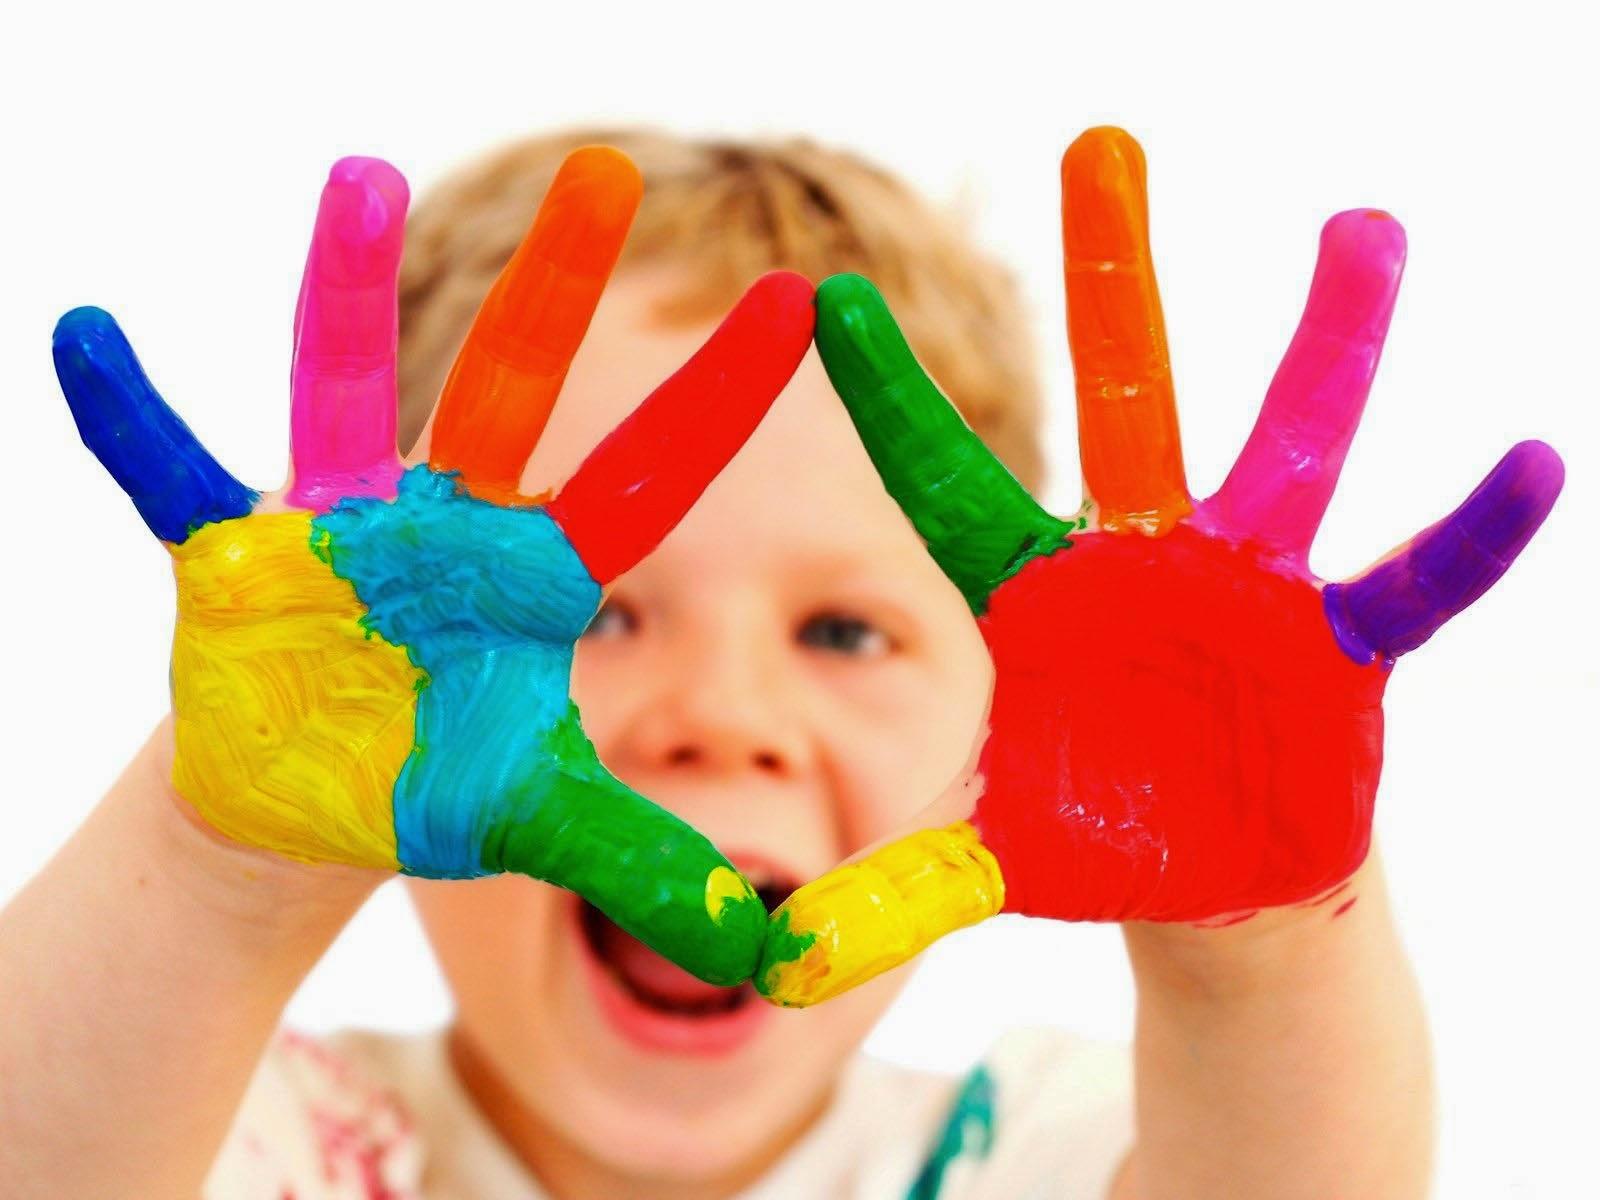 الألوان Les couleurs باللغة الفرنسية مع الشرح 1